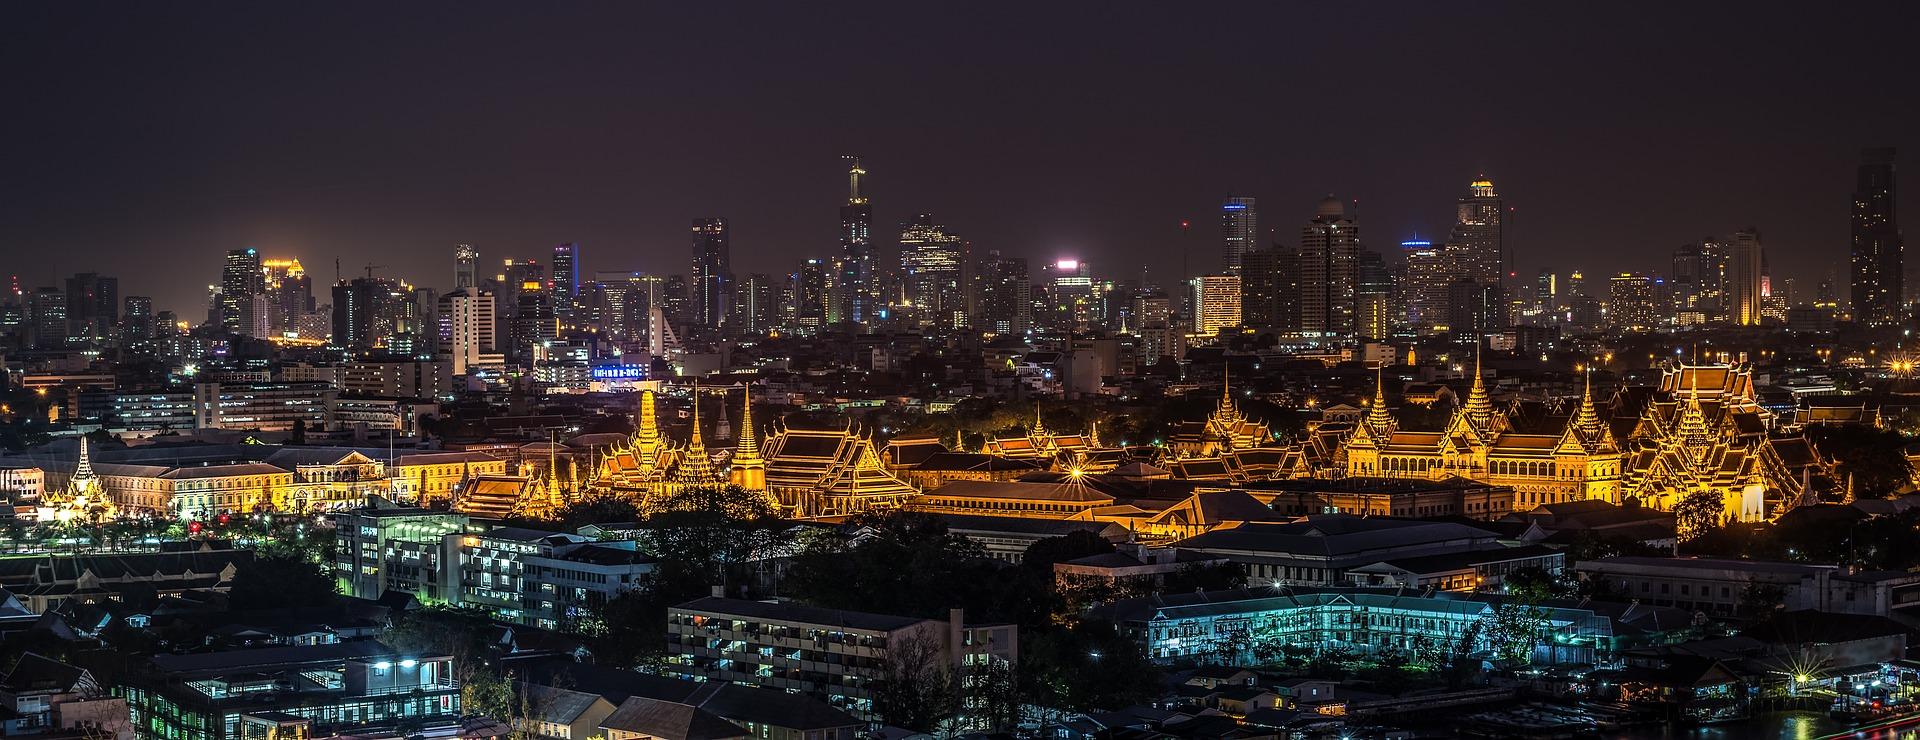 Grand Palace in Bangkok, Thailand at night